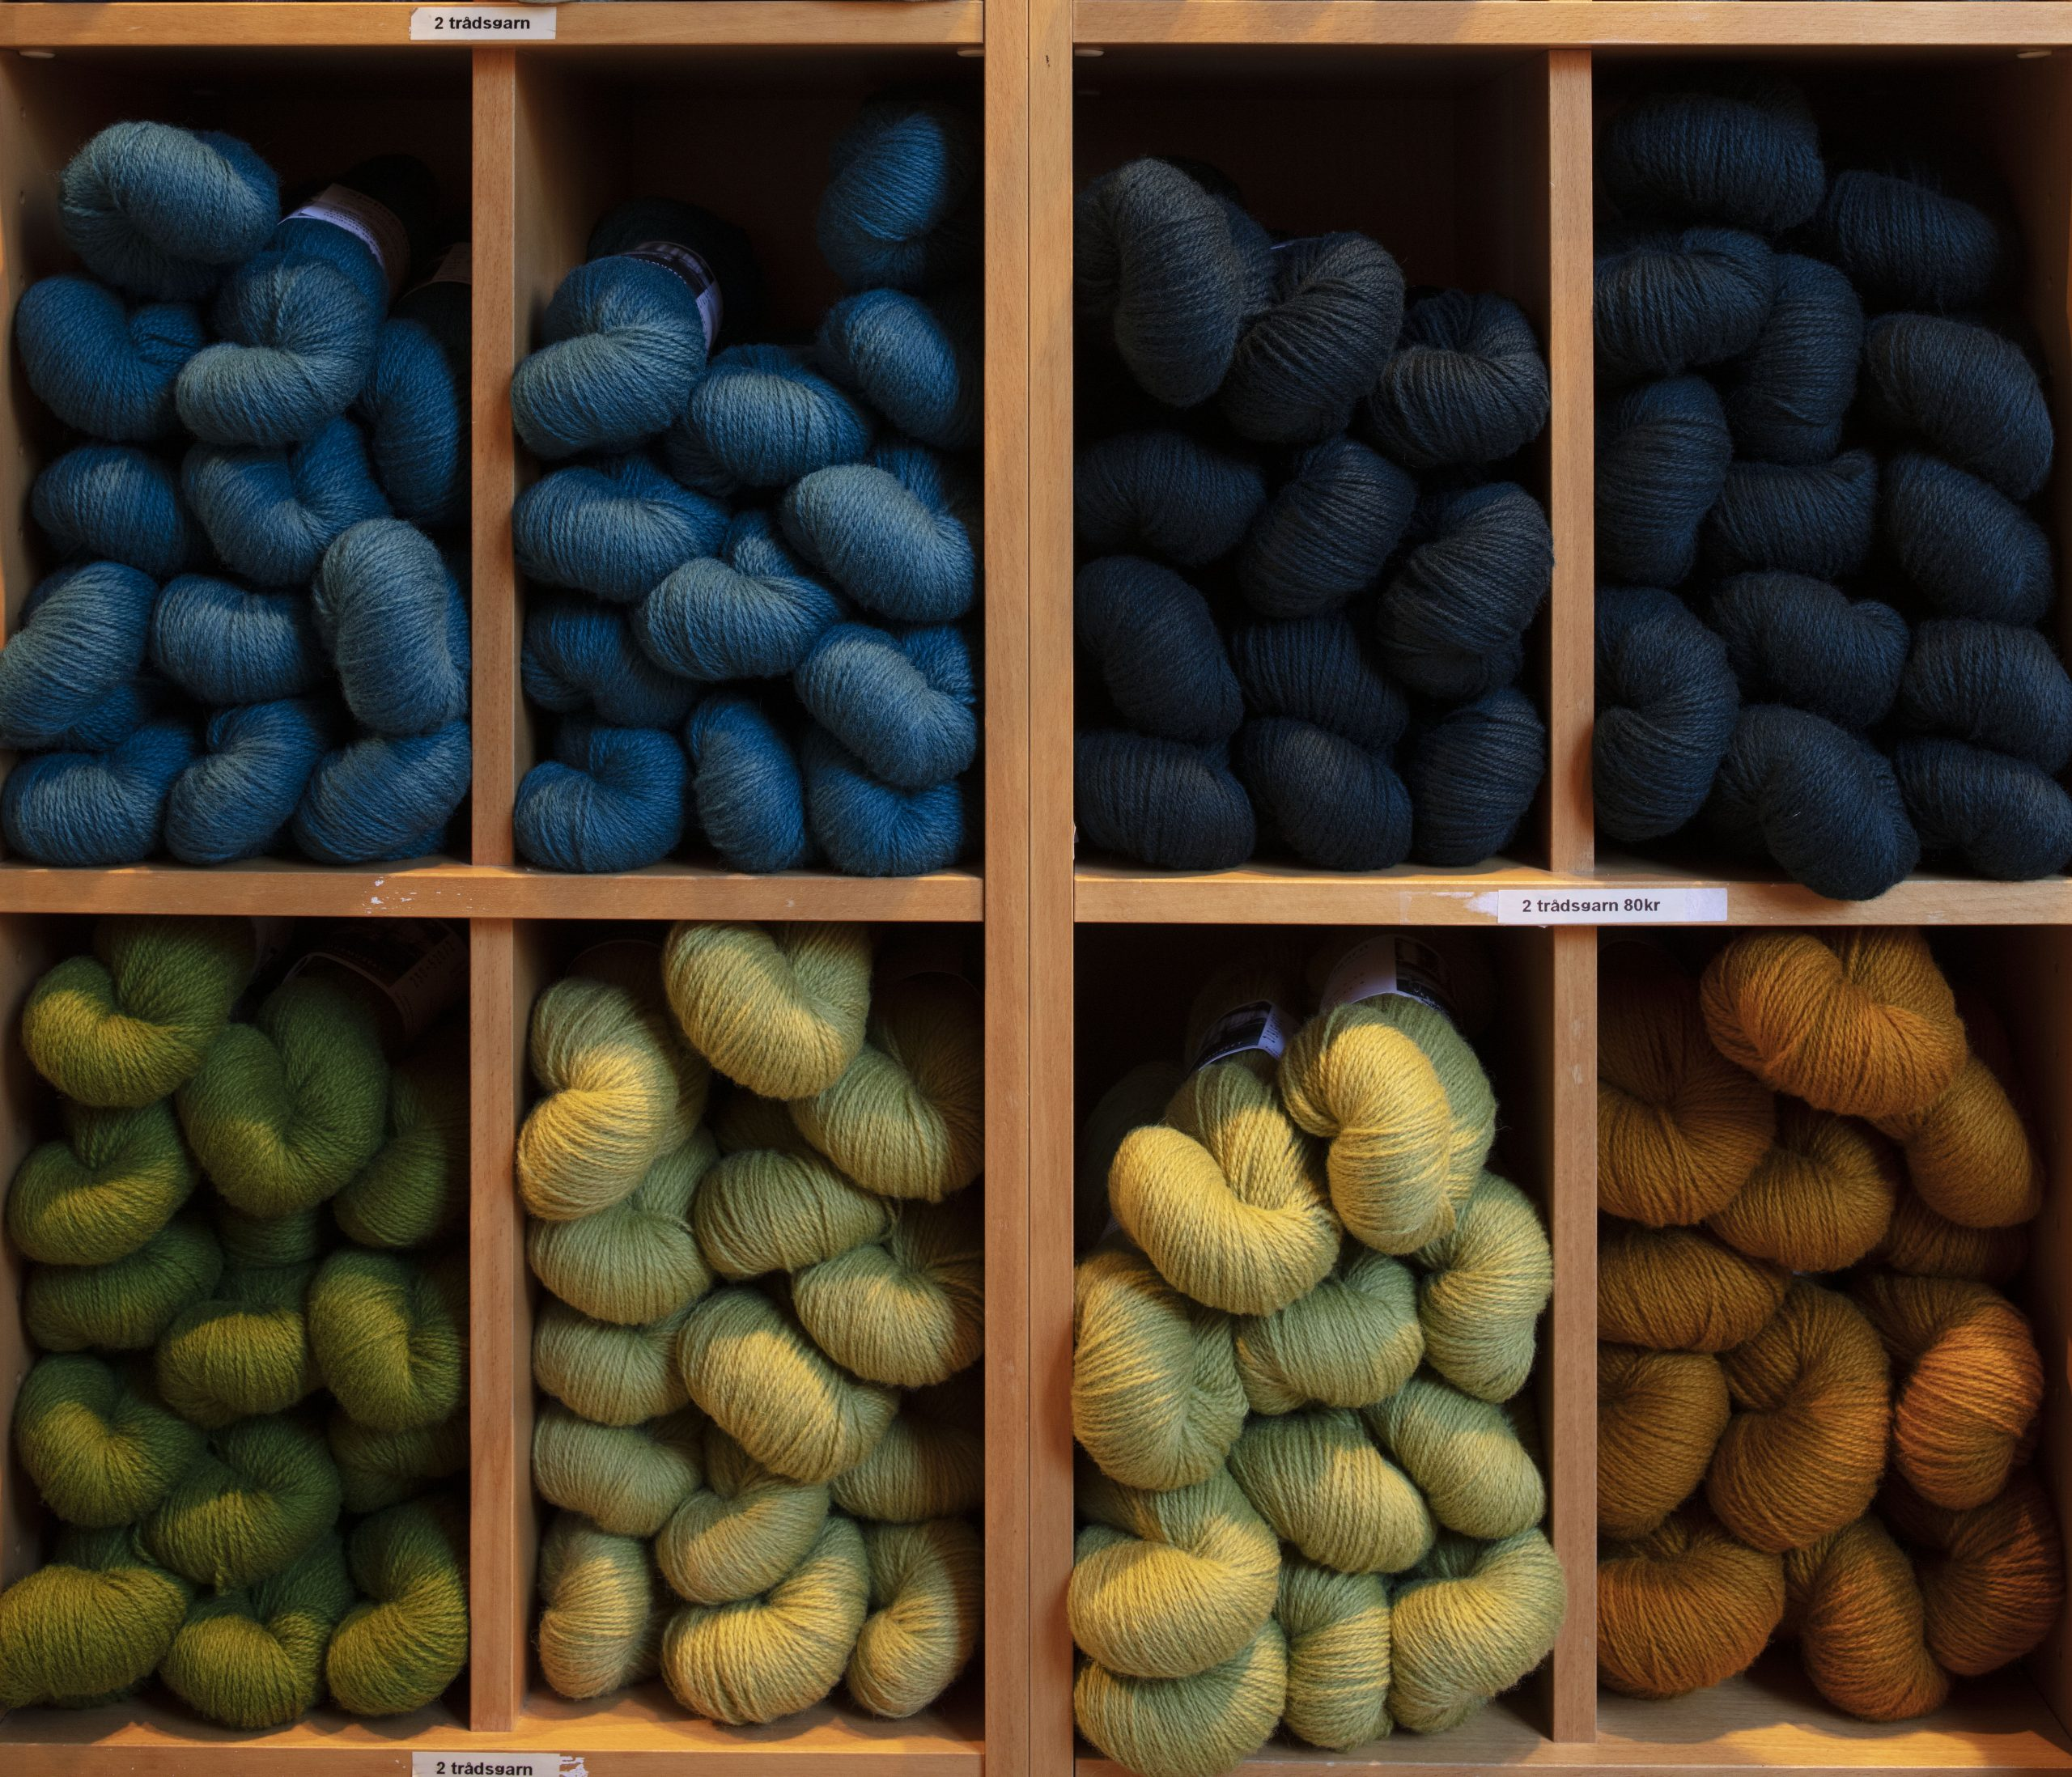 bilde av garn som er klare for salg. Foto: Trond Isaksen